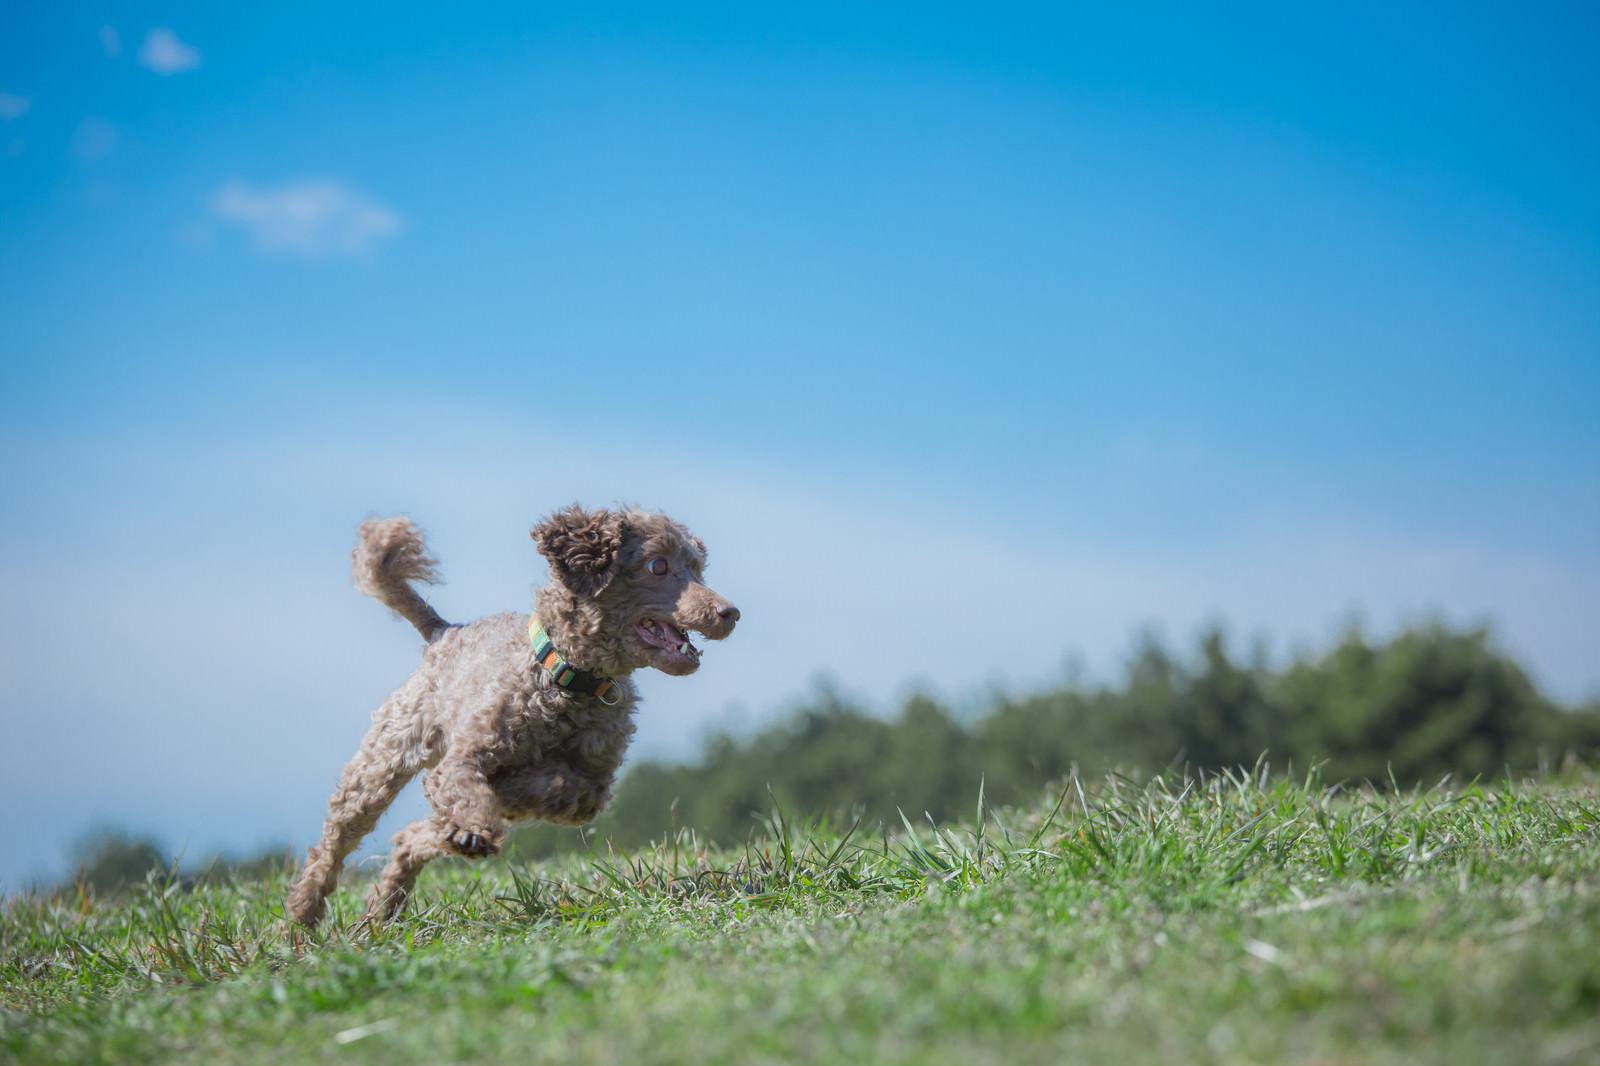 「広い公園を縦横無尽に走るわんちゃん」の写真